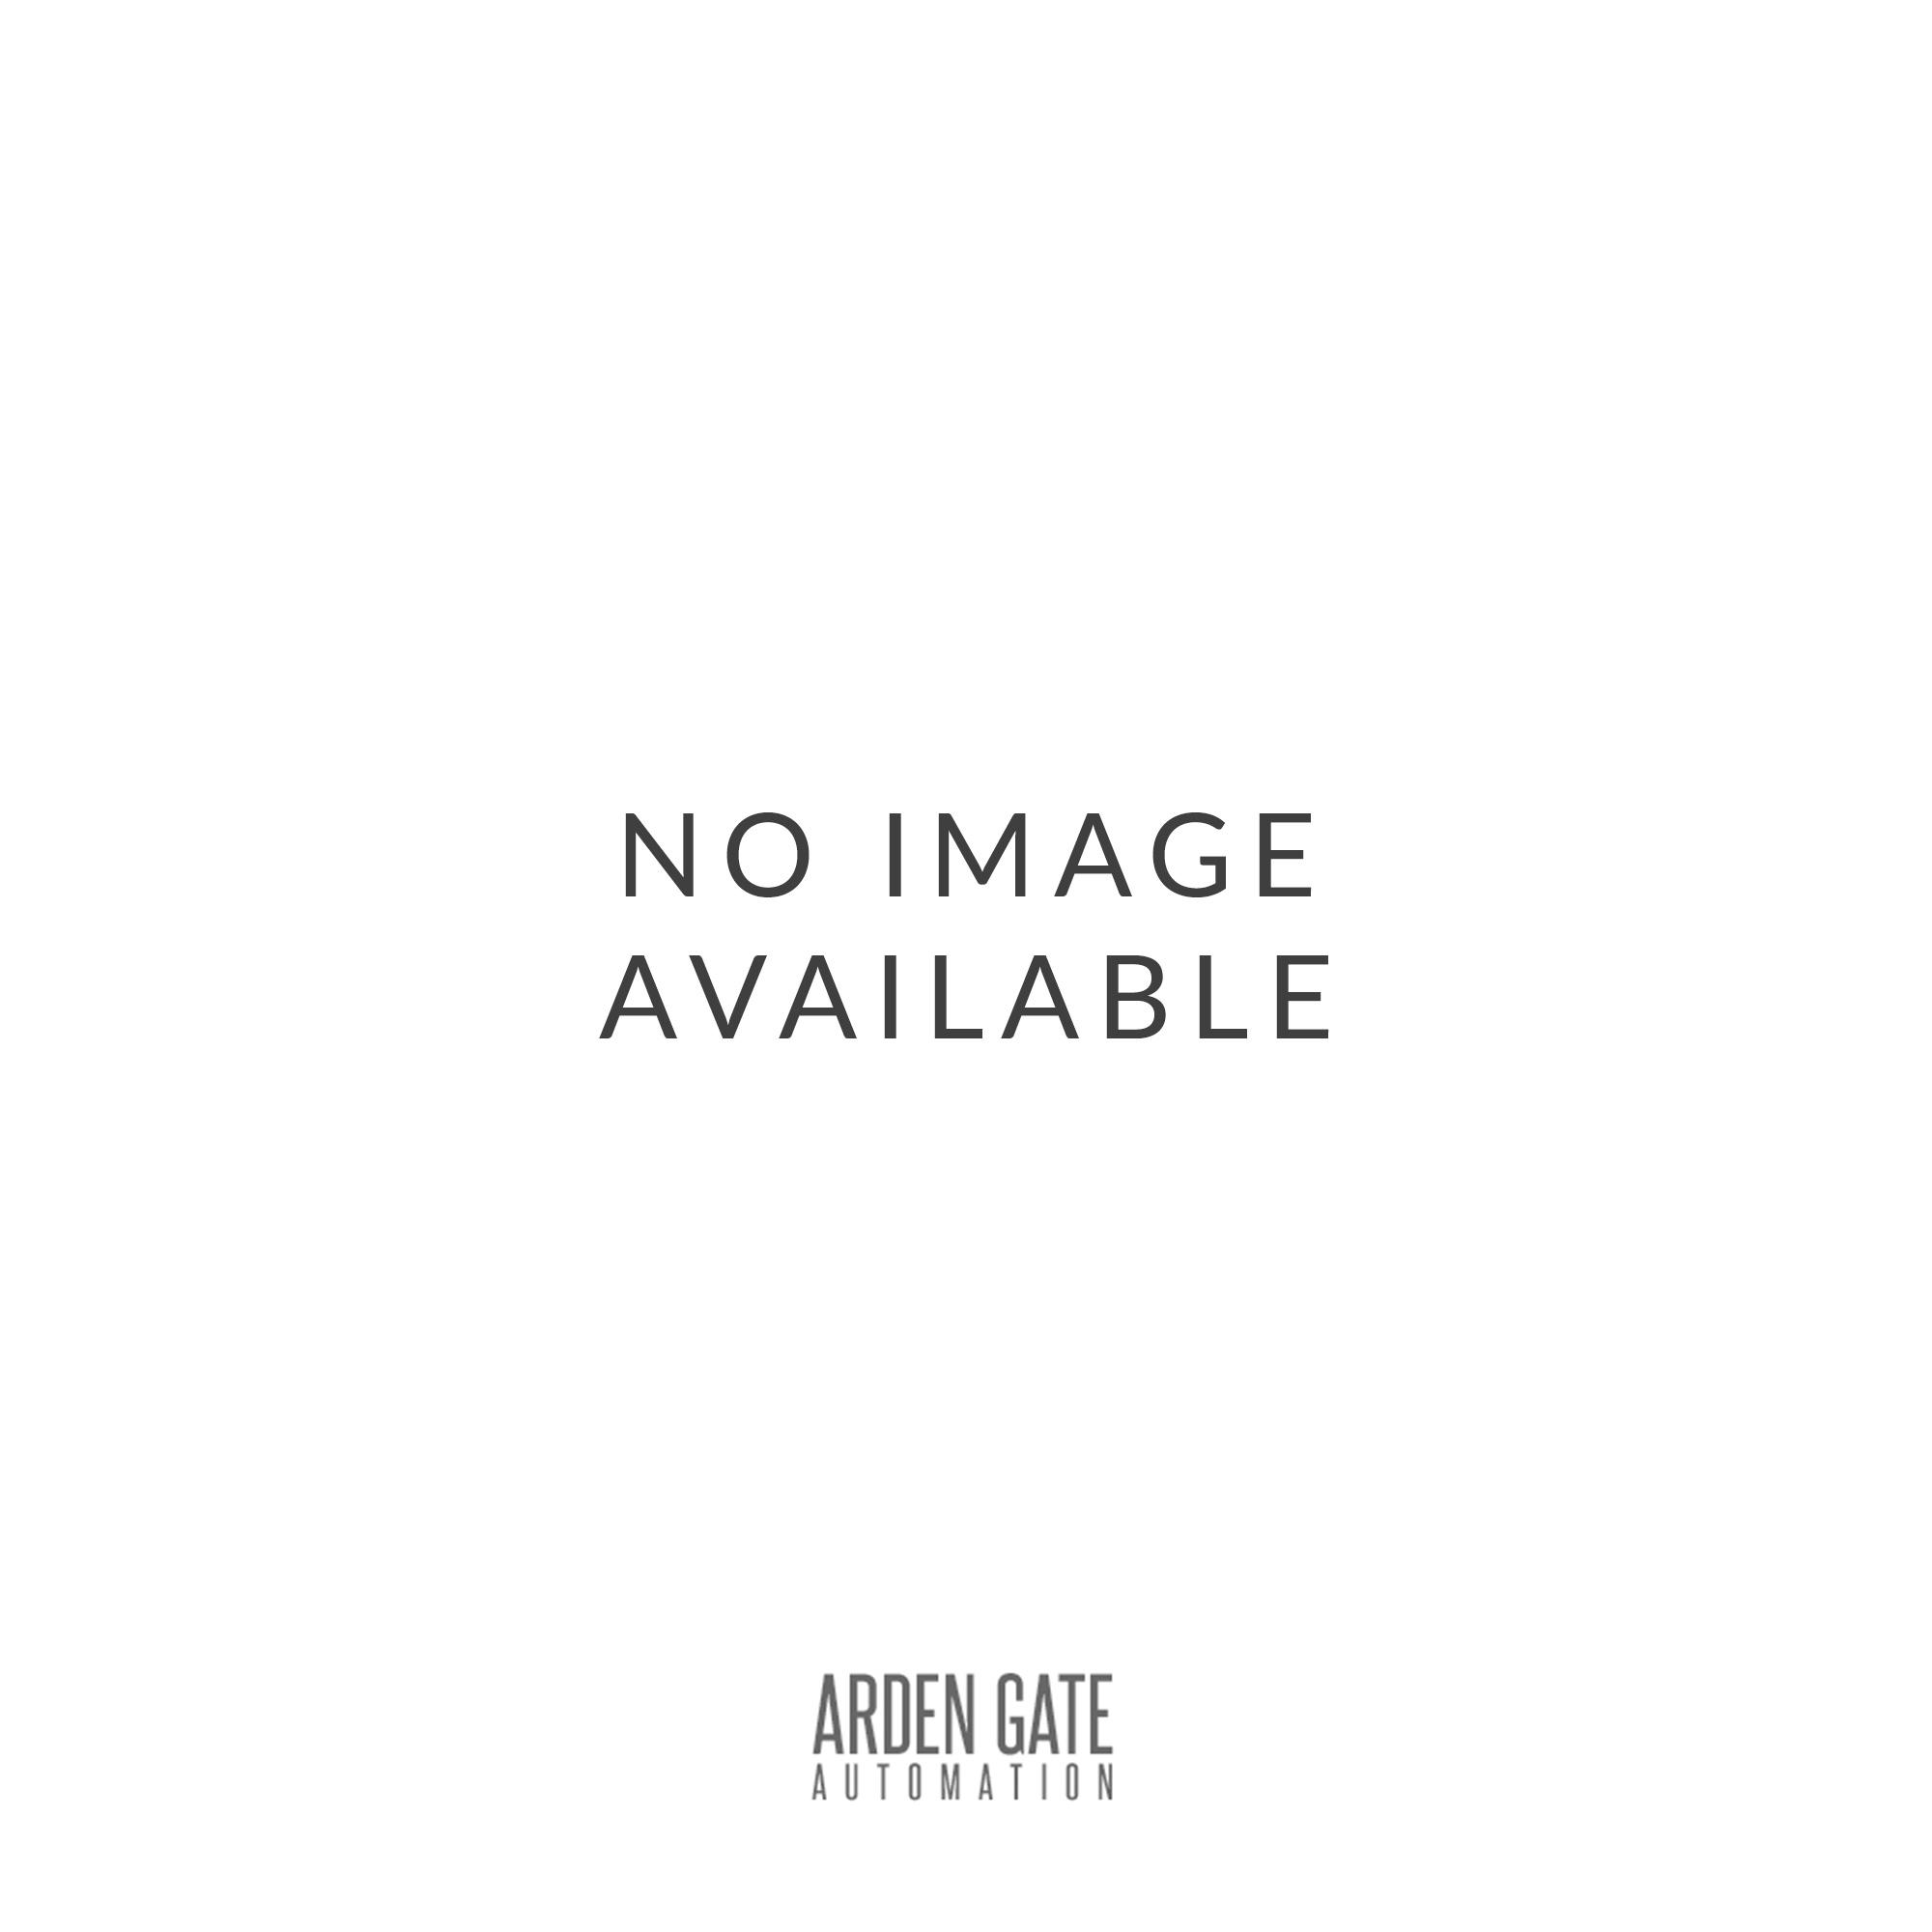 770 24V KIT S Underground electro mechanical operator single kit